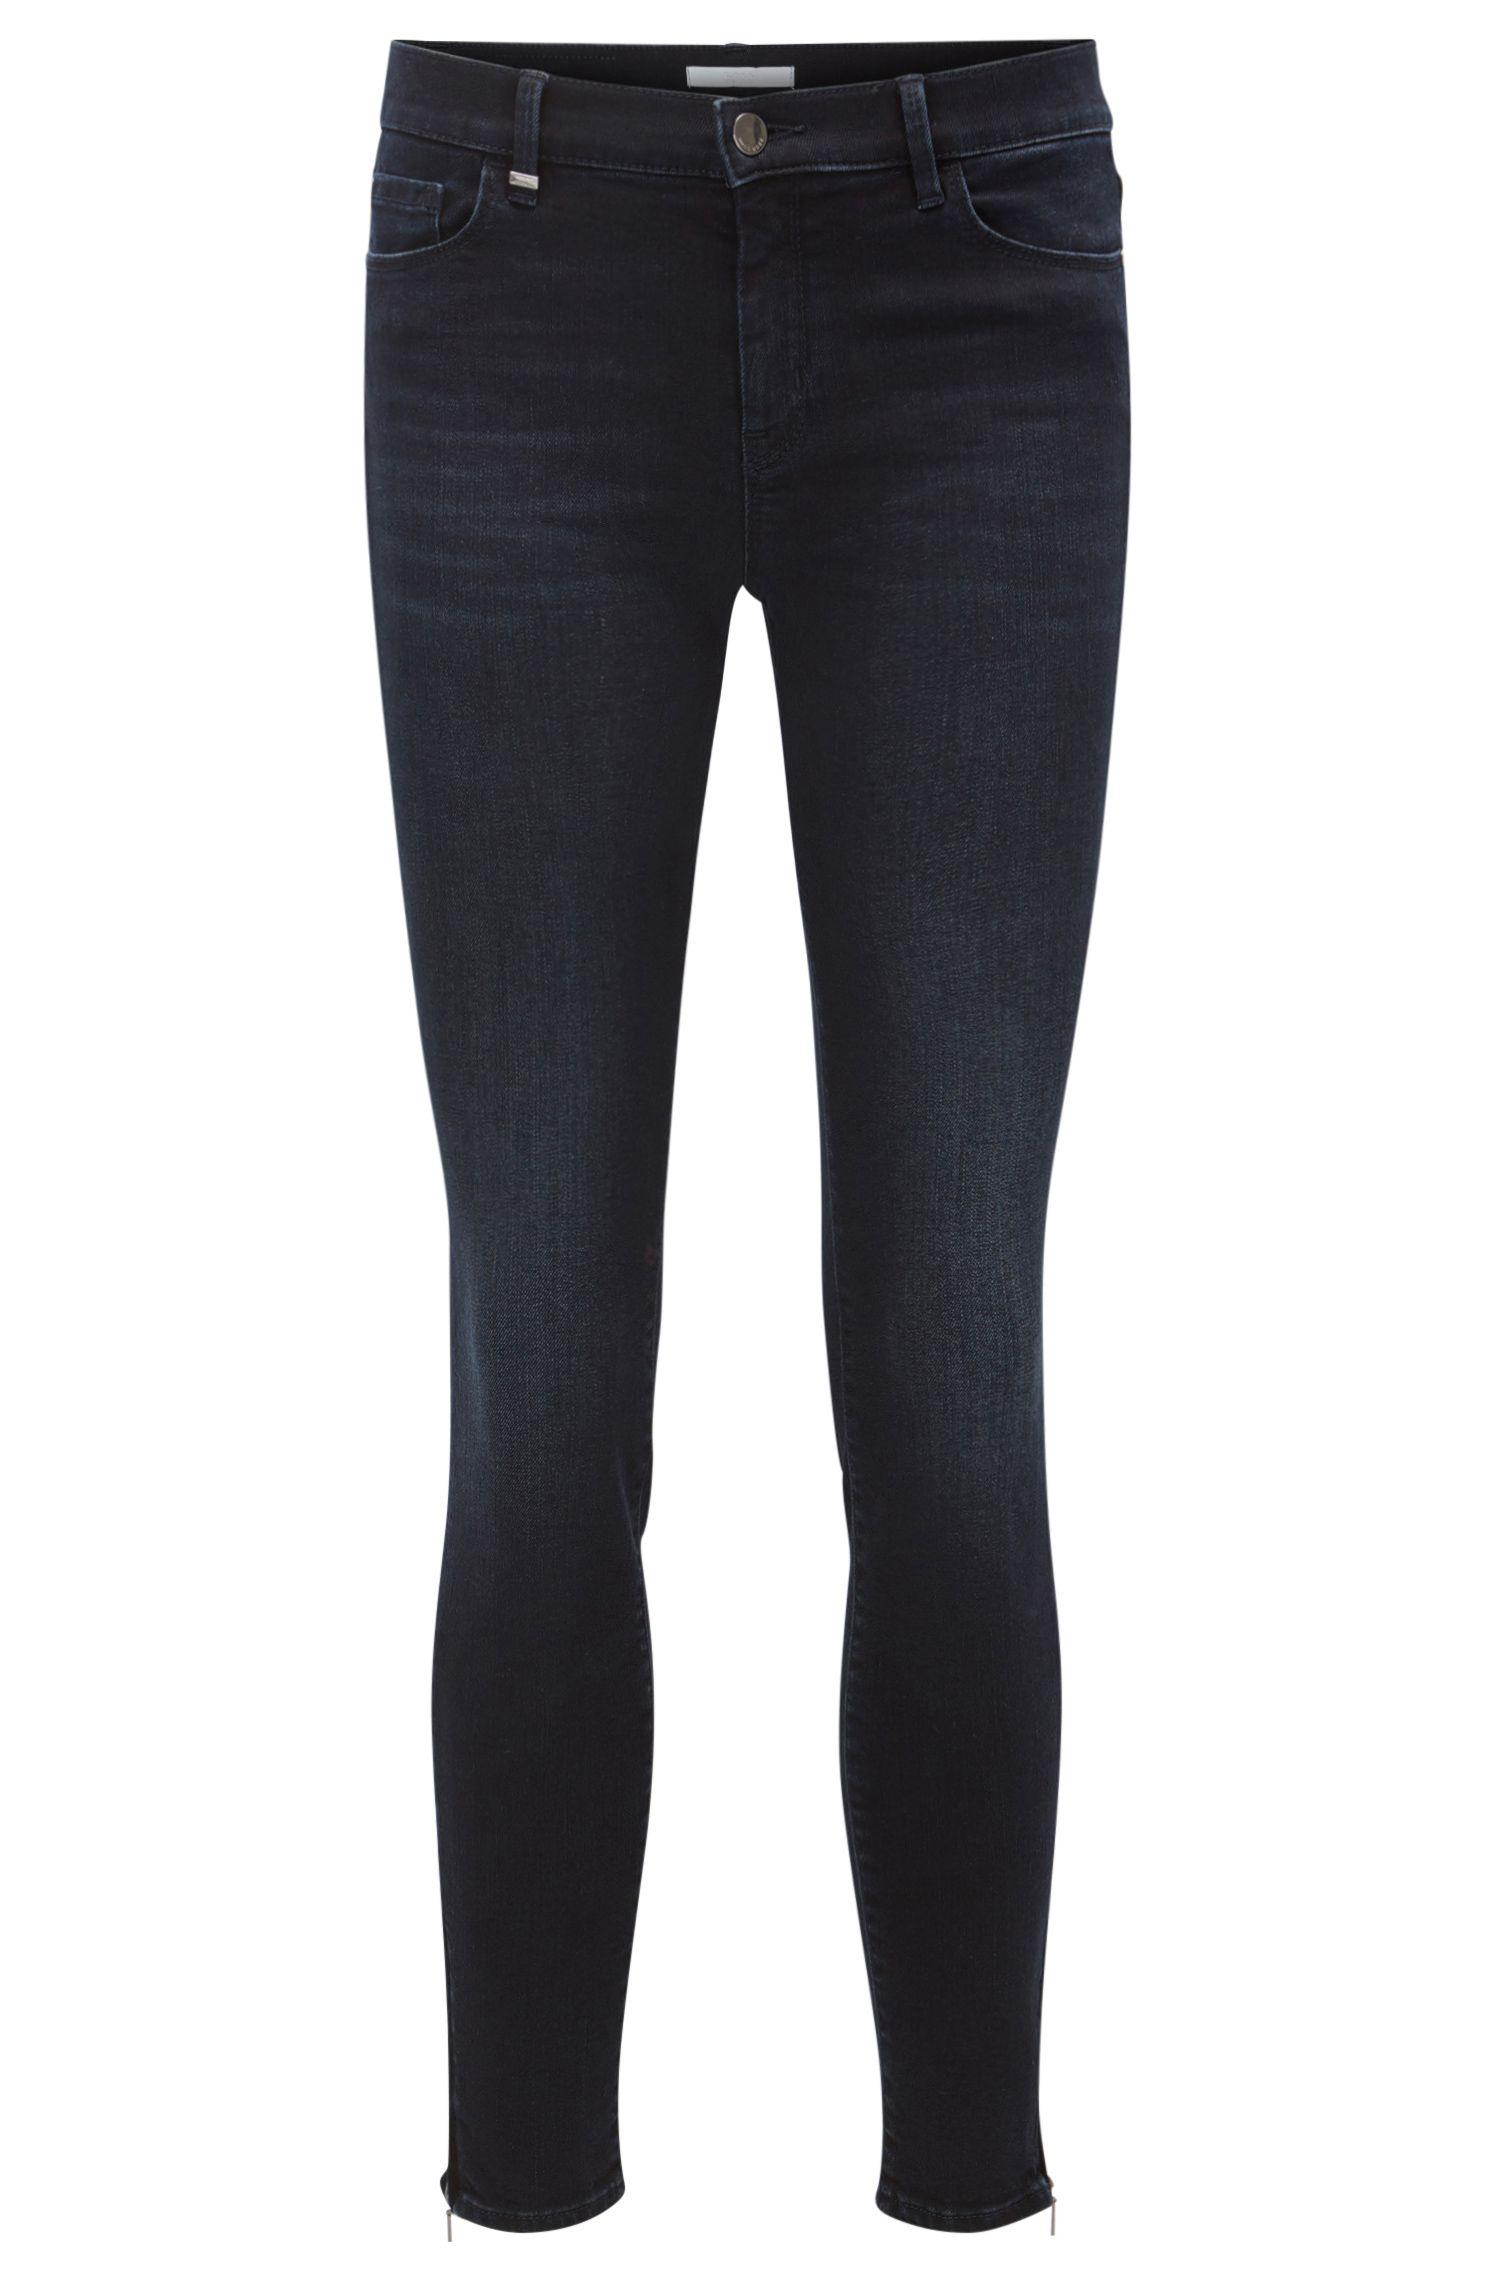 Super-stretch zip-hem jeans in a slim fit